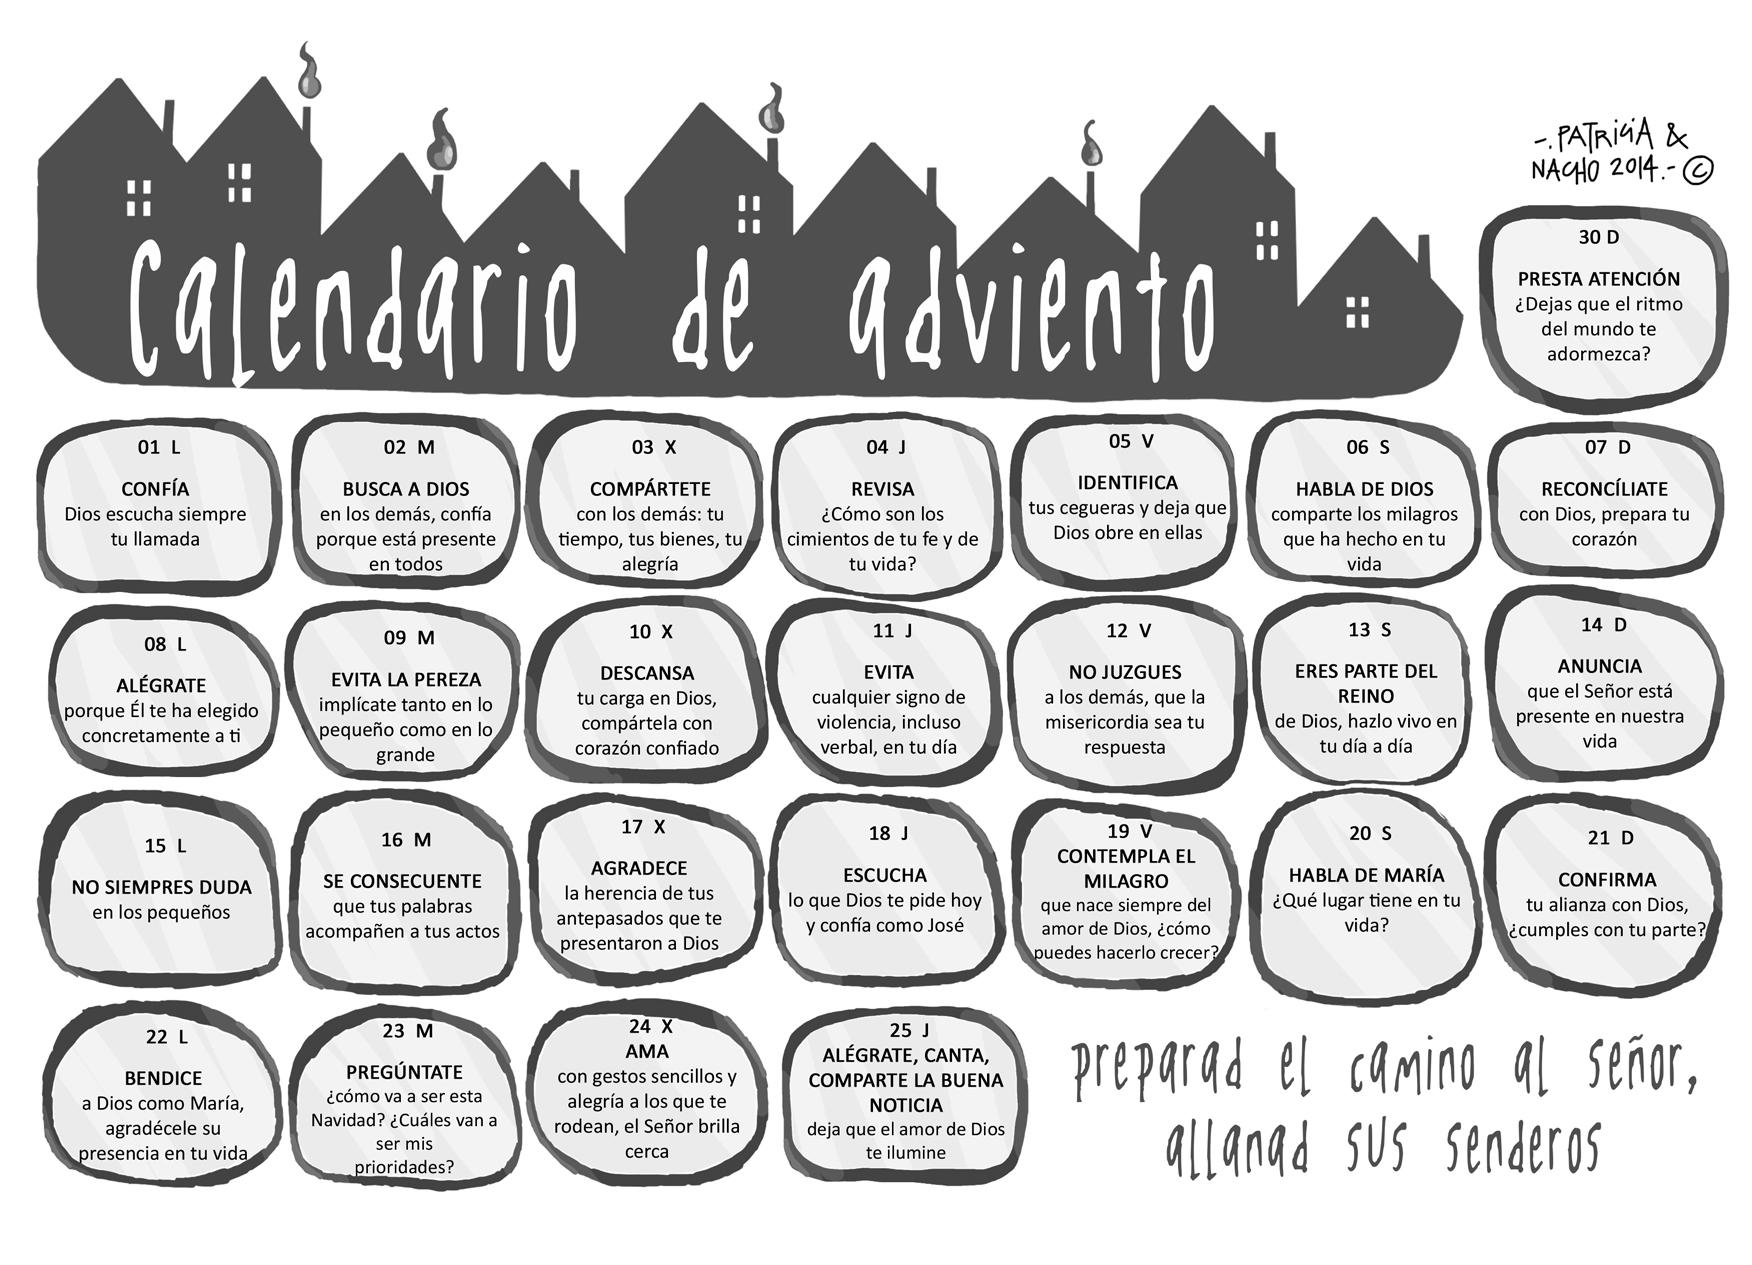 calendario de adviento 2014